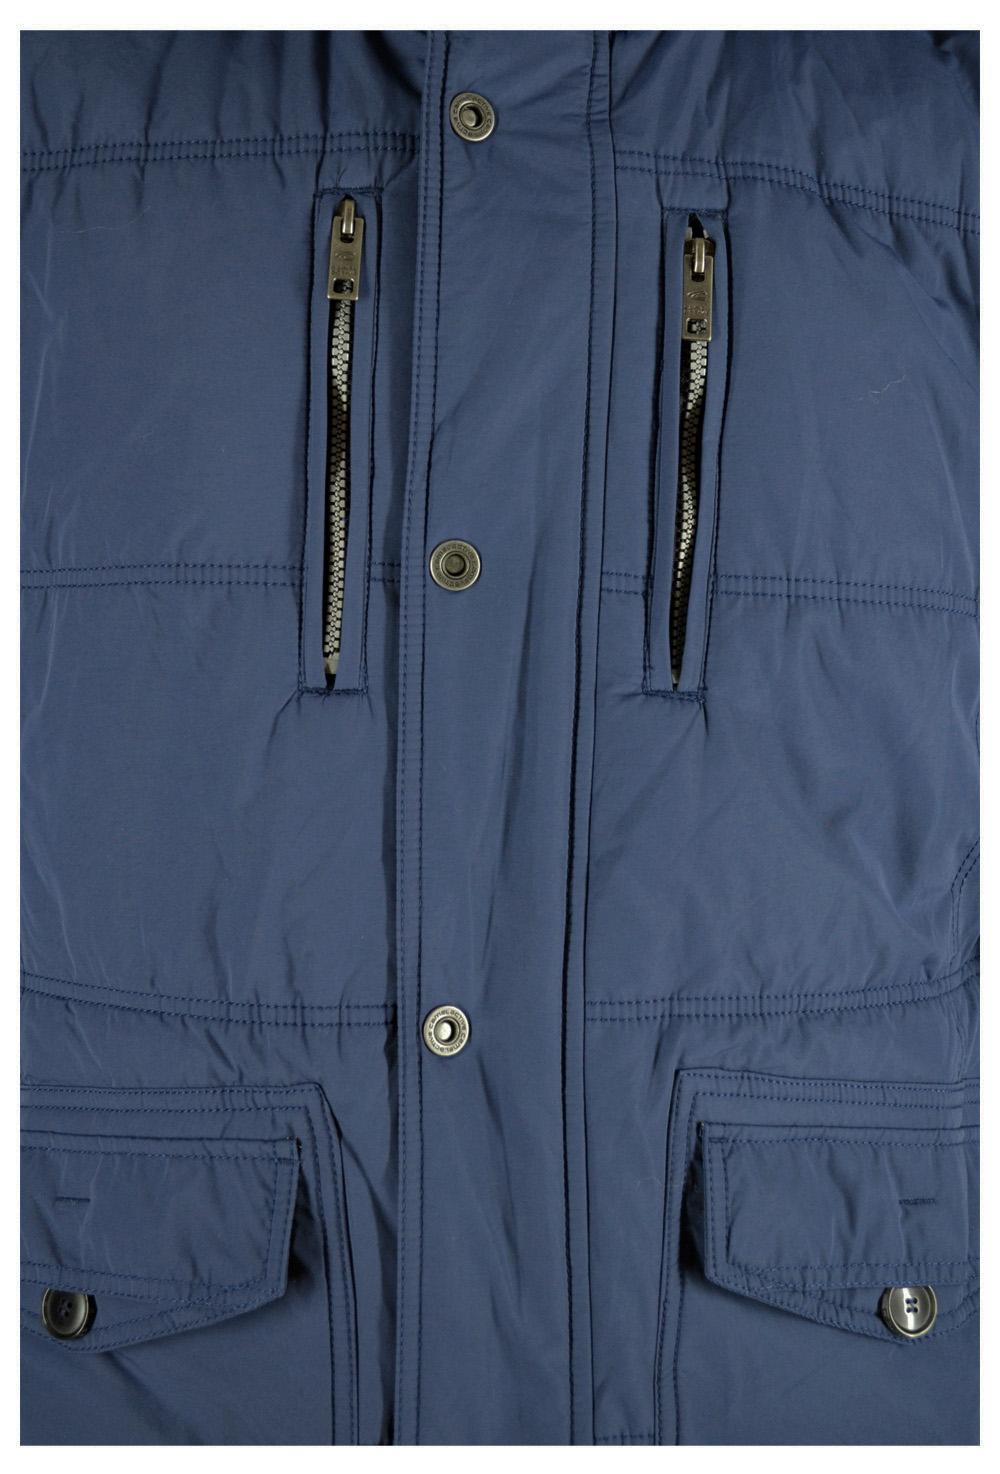 Купить Зимнюю Куртку Распродажа